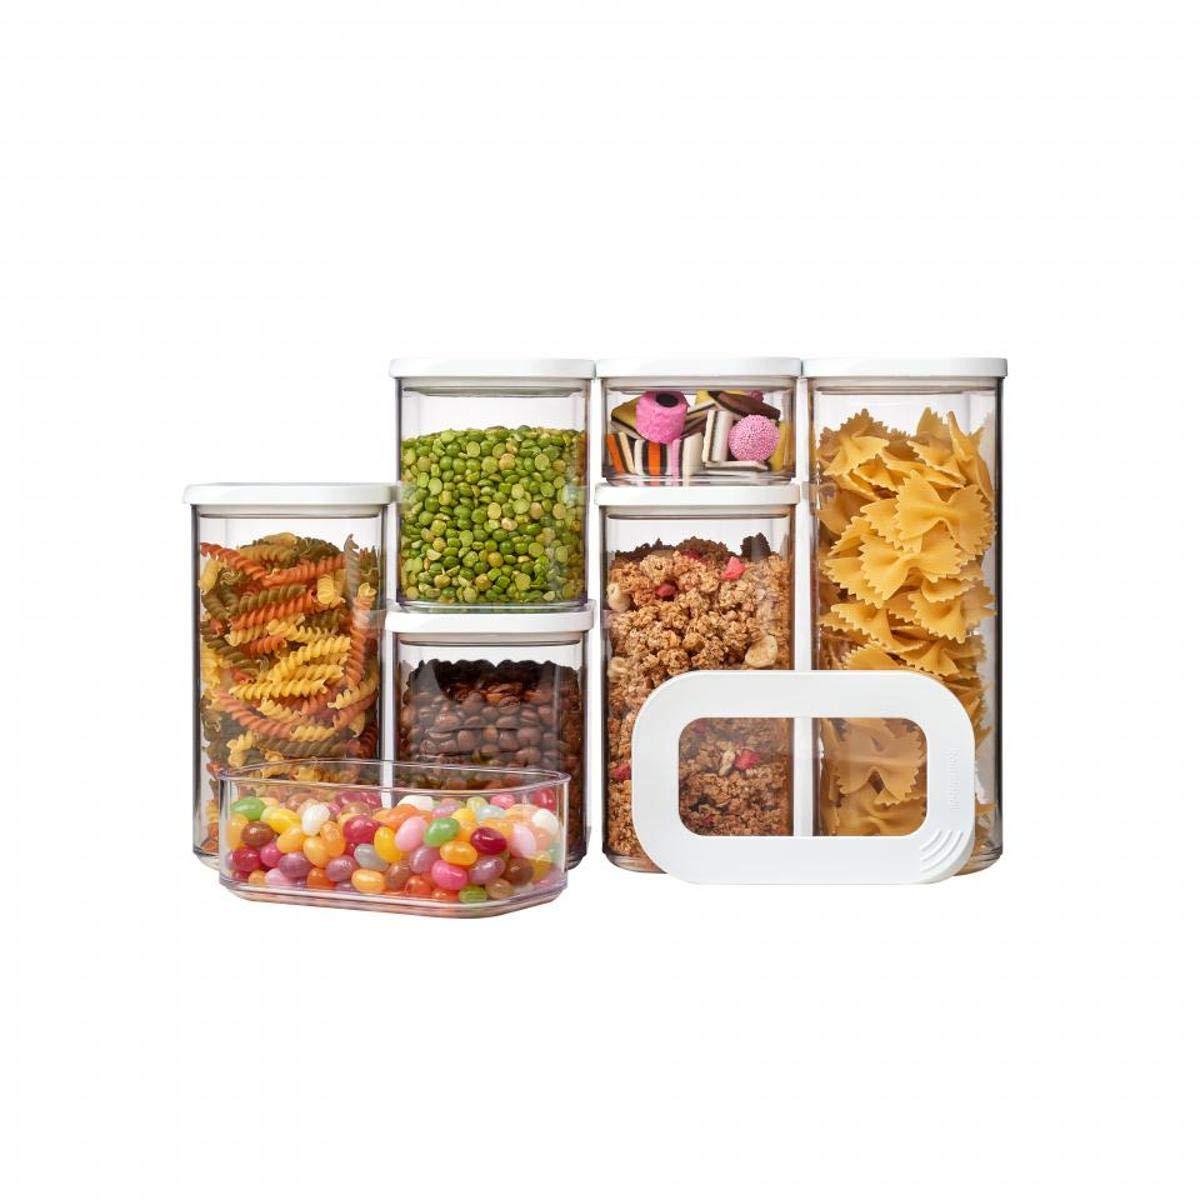 36,5/x 15/x 22,2/cm bianco SAN Rosti Mepal 106994830600/Modula //polietilene in acrilonitrile-stirene Set di contenitori per la conservazione degli alimenti